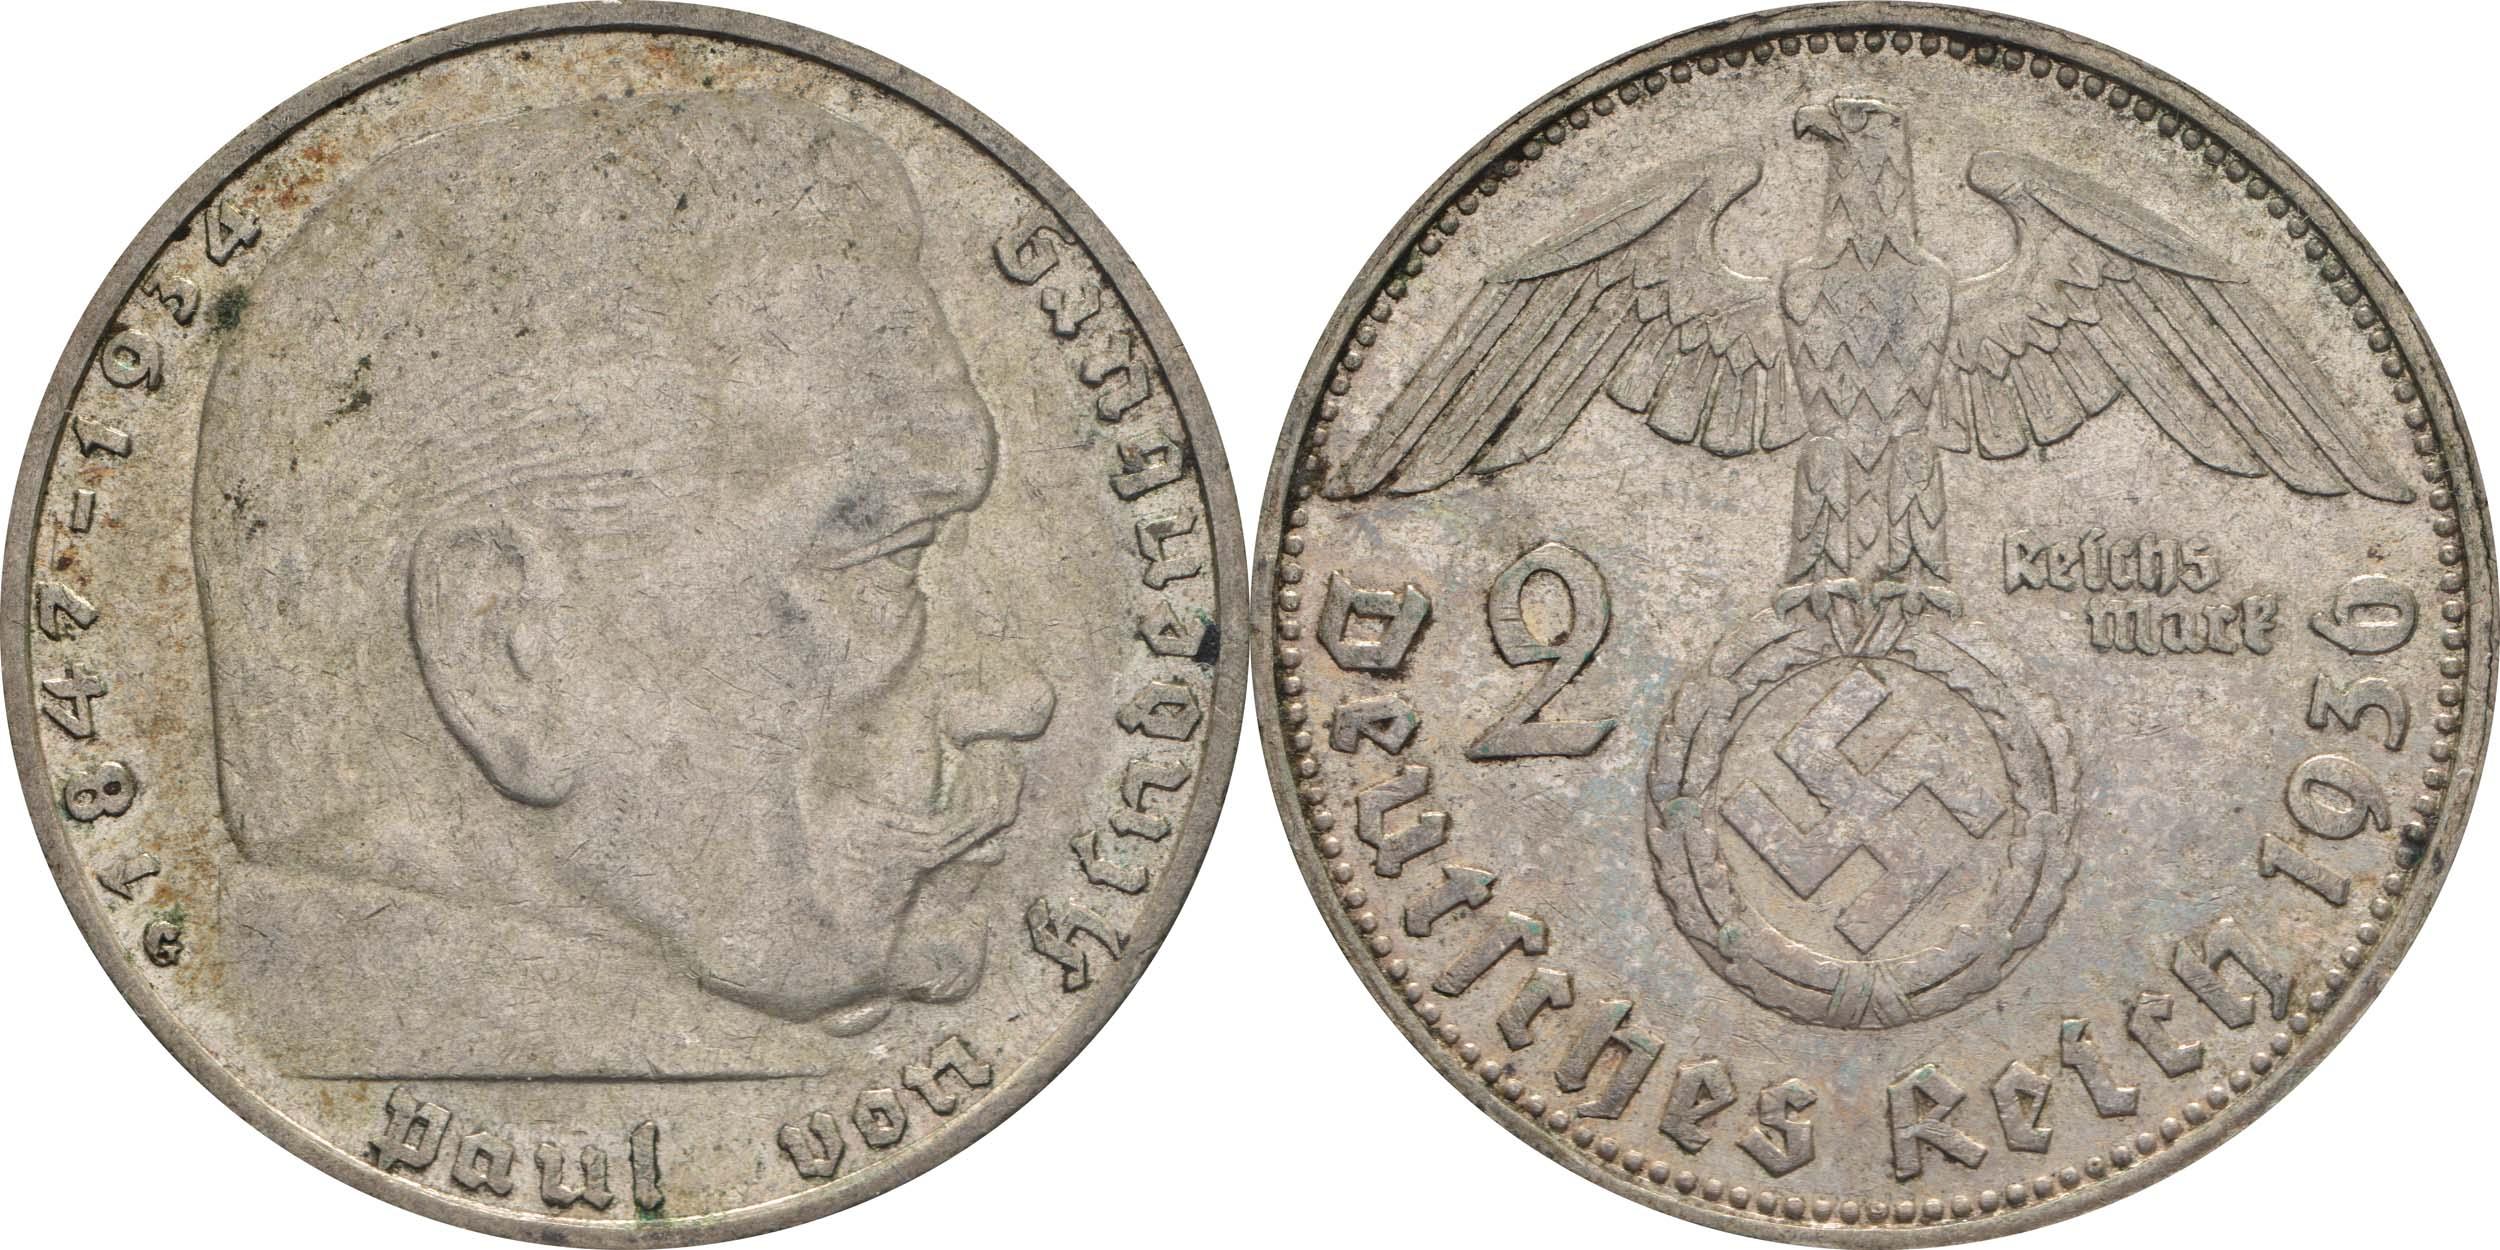 deutschland 2 reichsmark hindenburg 1936 g silber ss vz euro. Black Bedroom Furniture Sets. Home Design Ideas